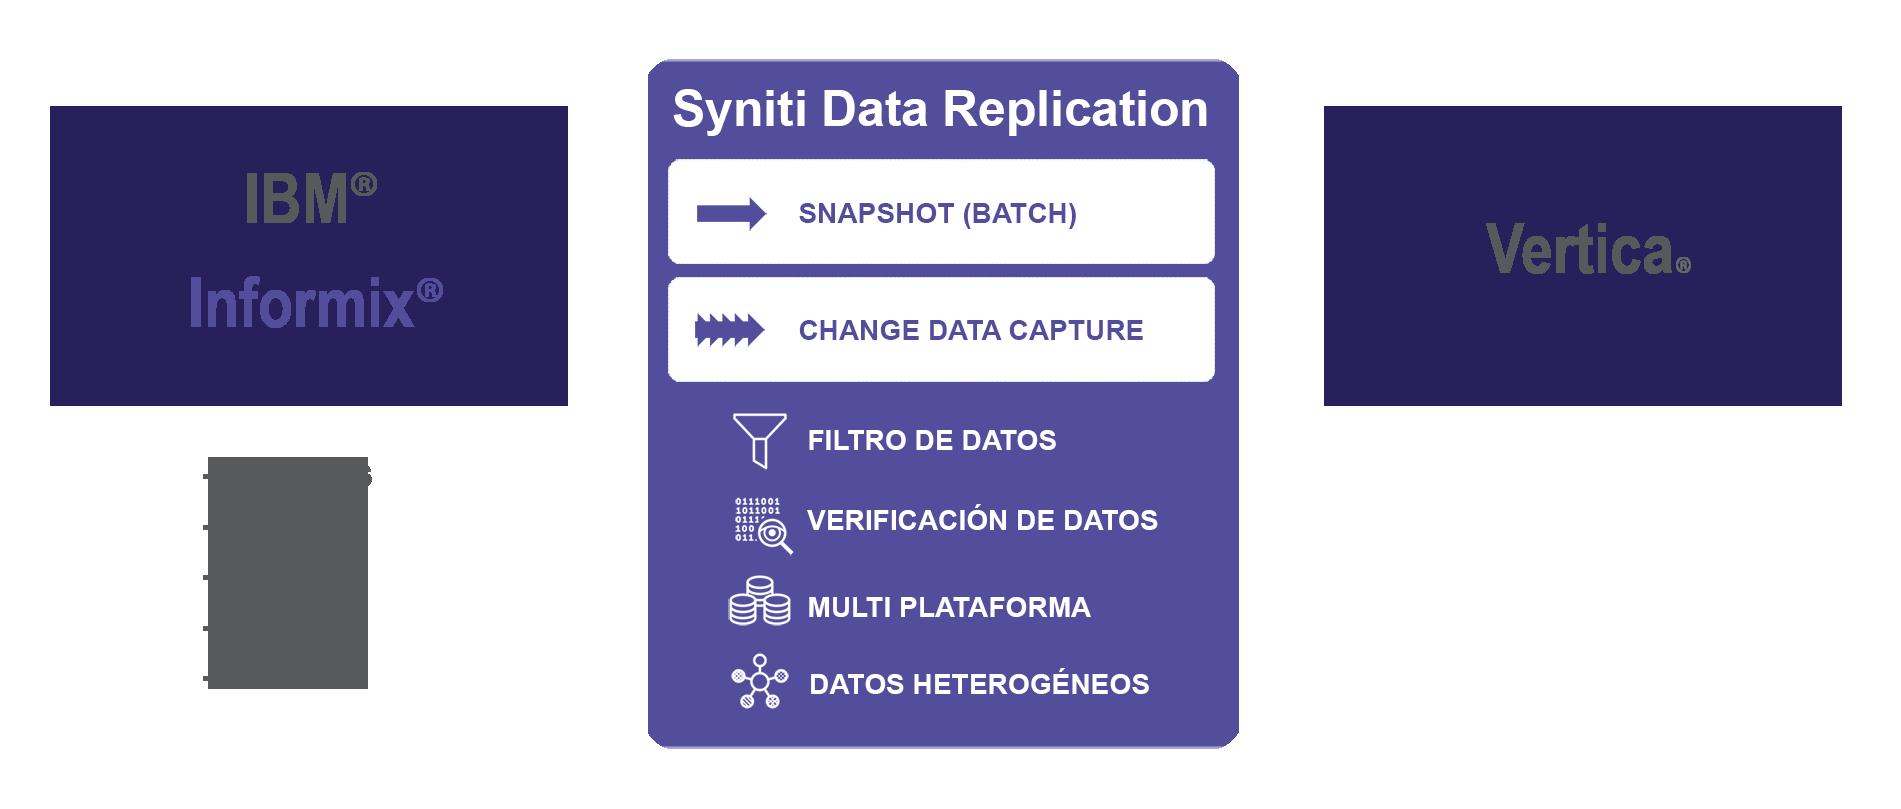 Replicacion de datos Informix a Vertica